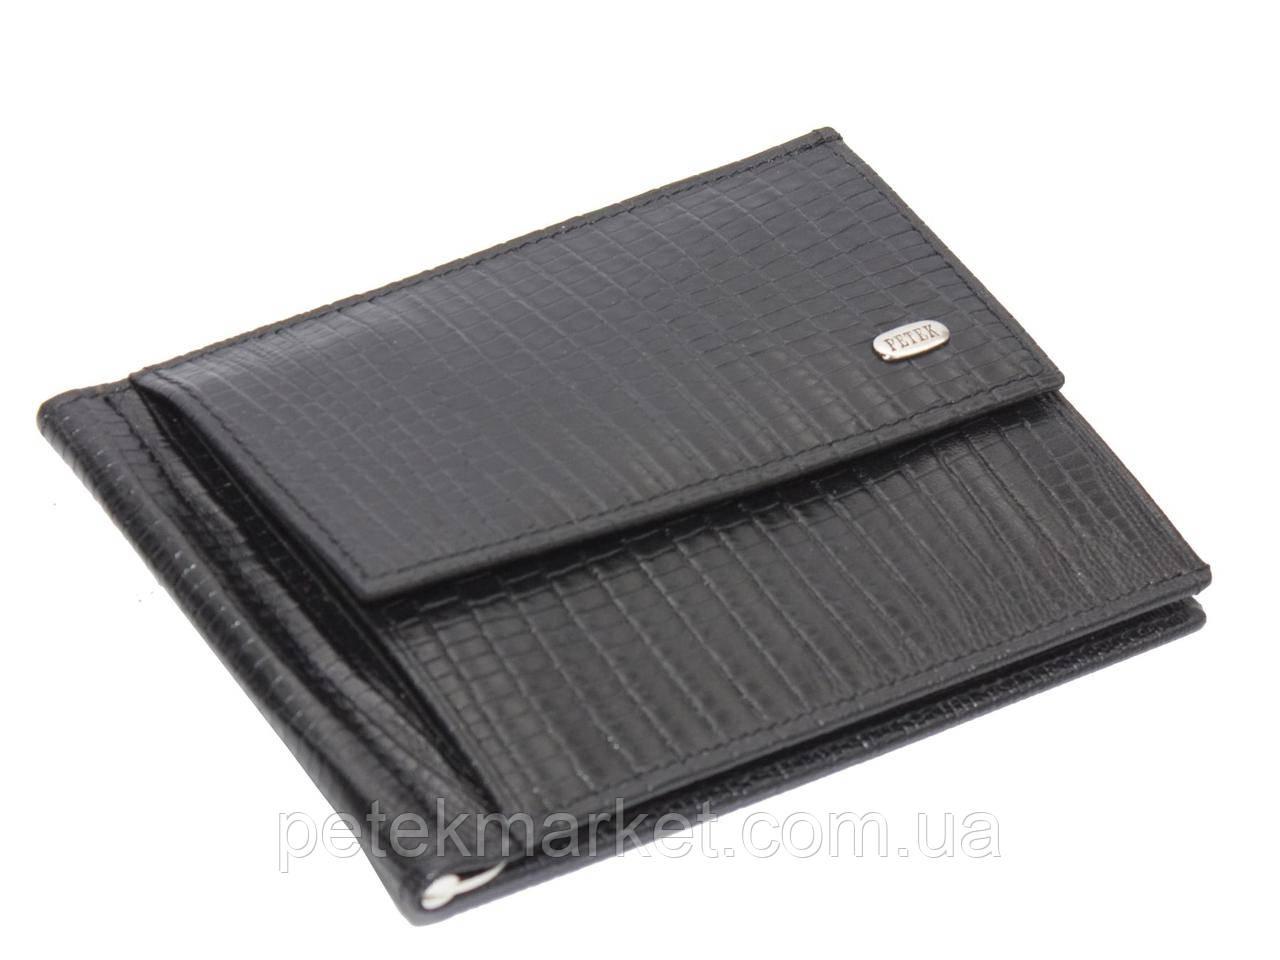 Кожаное мужское портмоне, зажим для купюр Petek 143